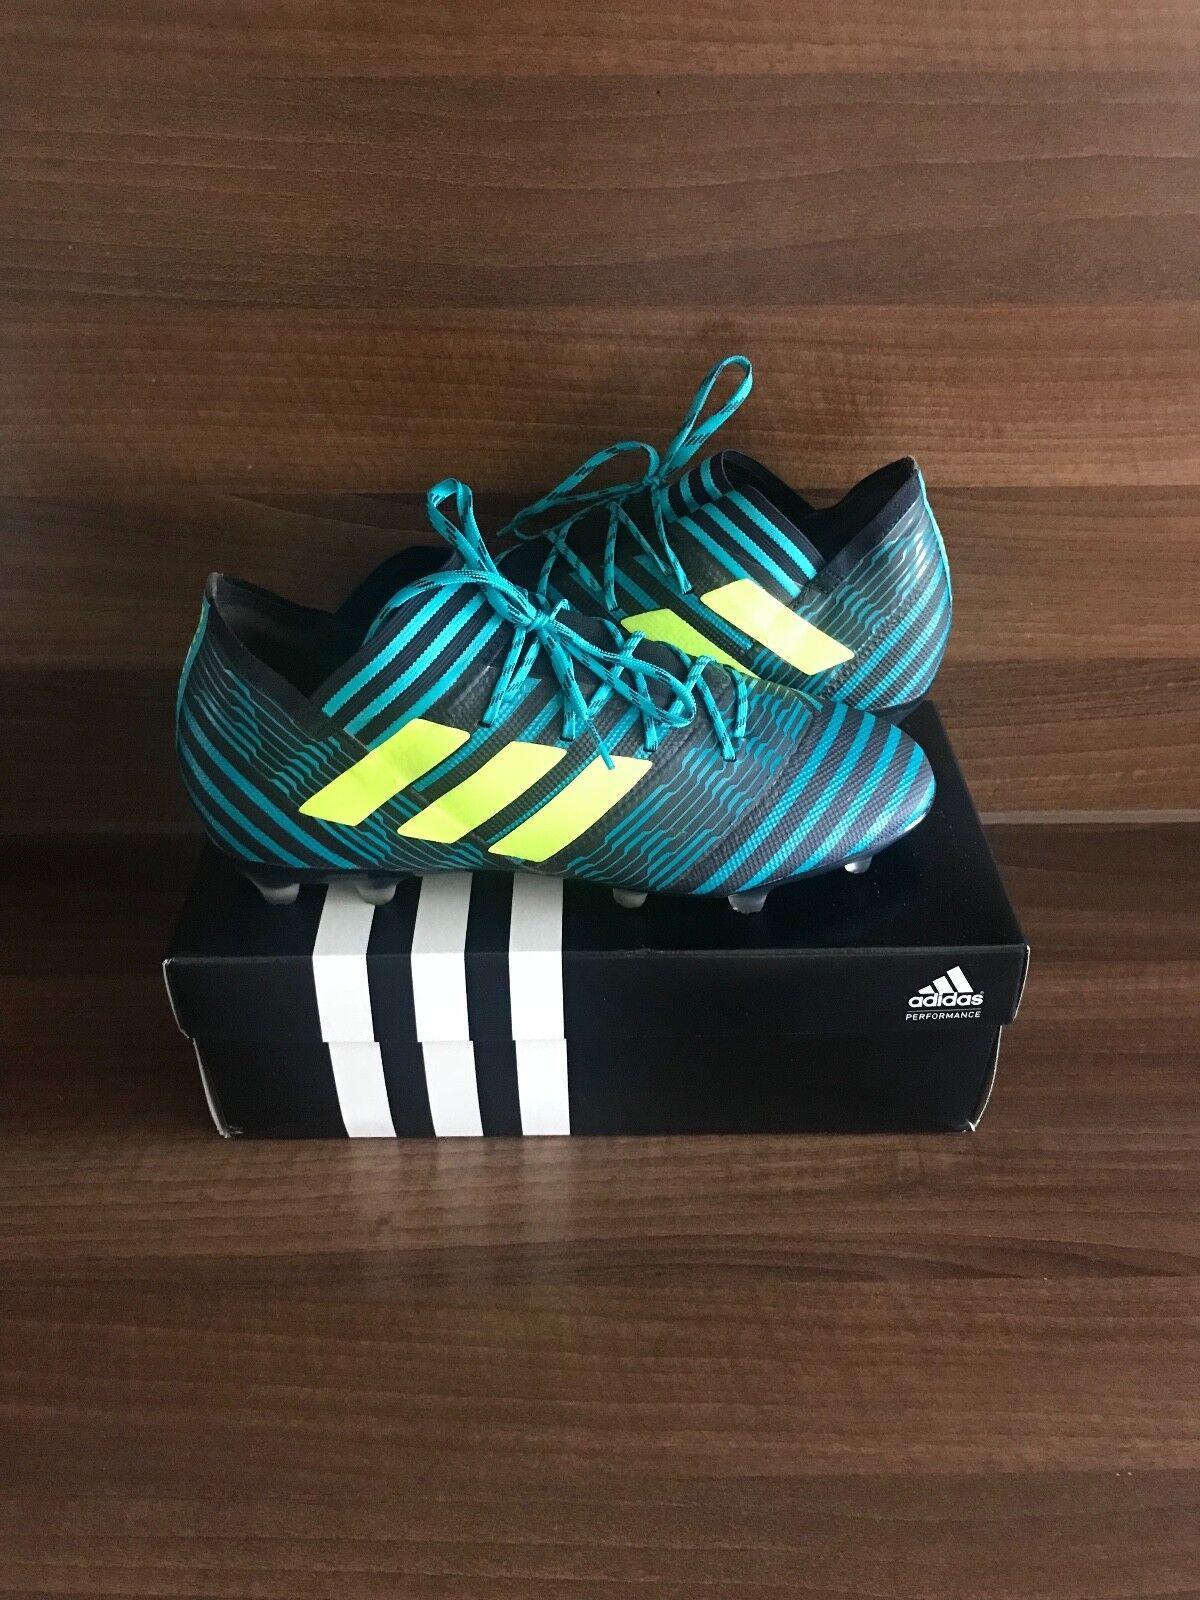 Fußballschuh Adidas Nemeziz 17.2 FG Größe 43 1 3